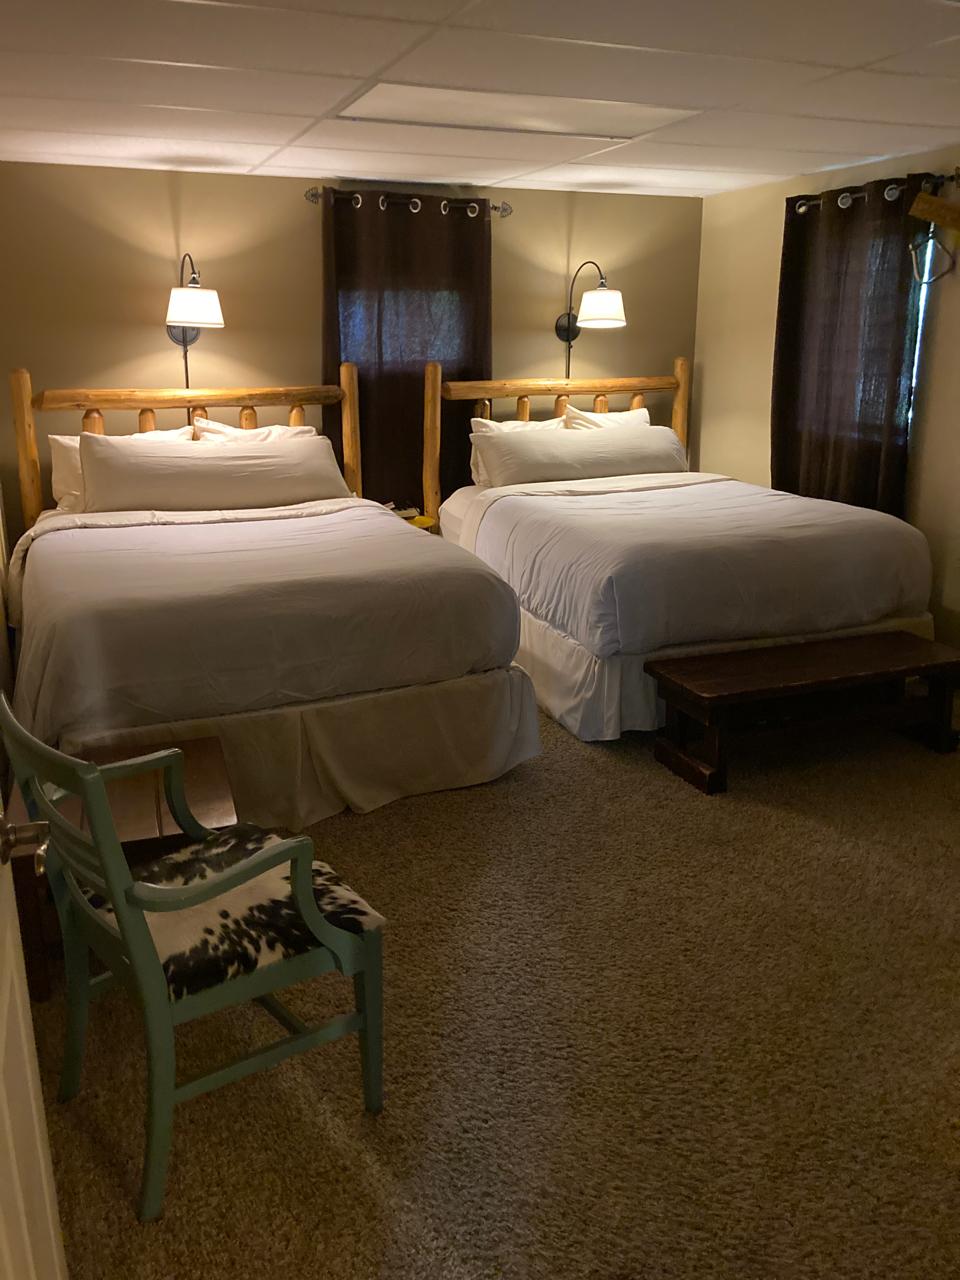 The Mesquite: 2 Queen Beds